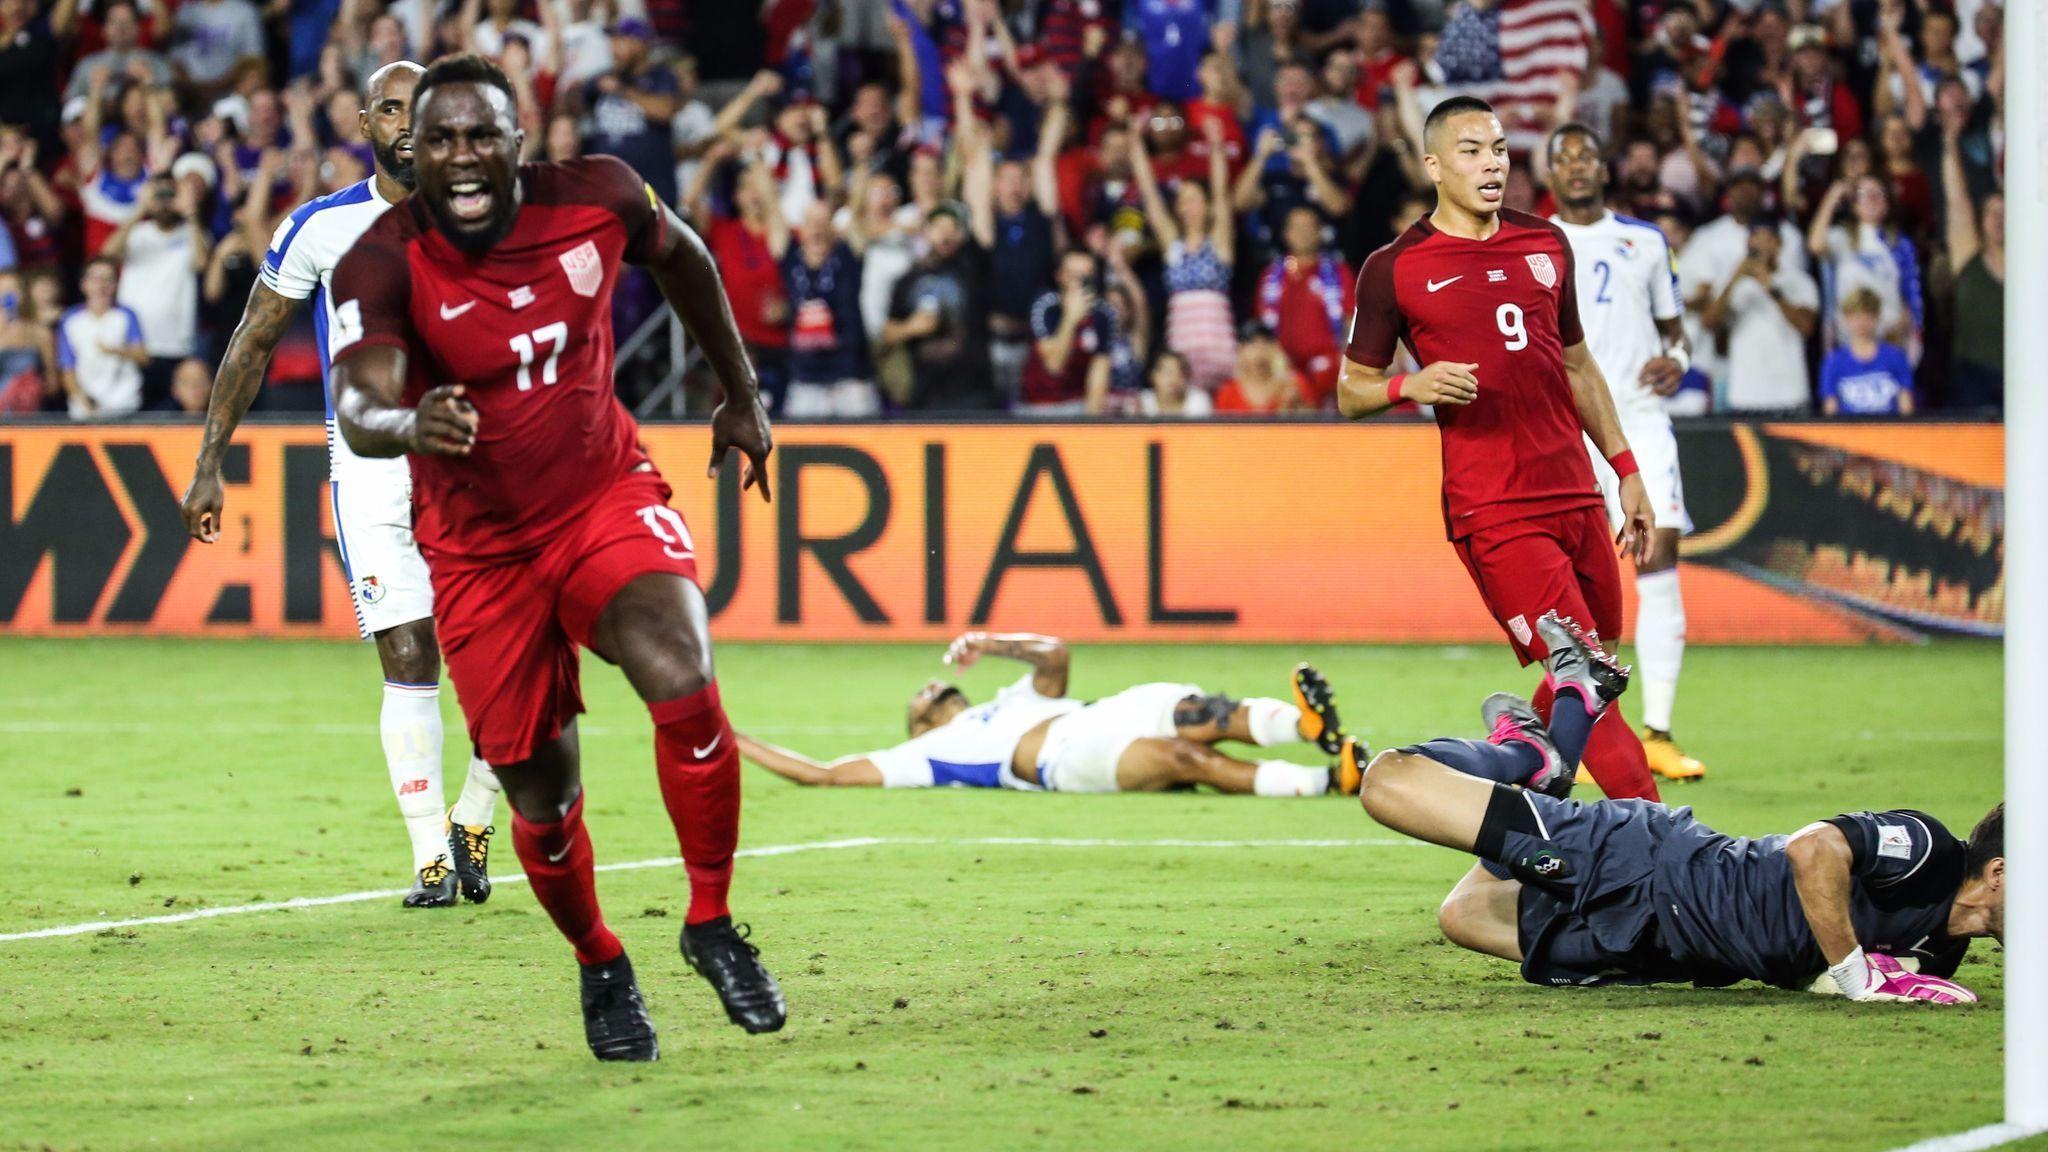 Os-sp-us-soccer-news-1007